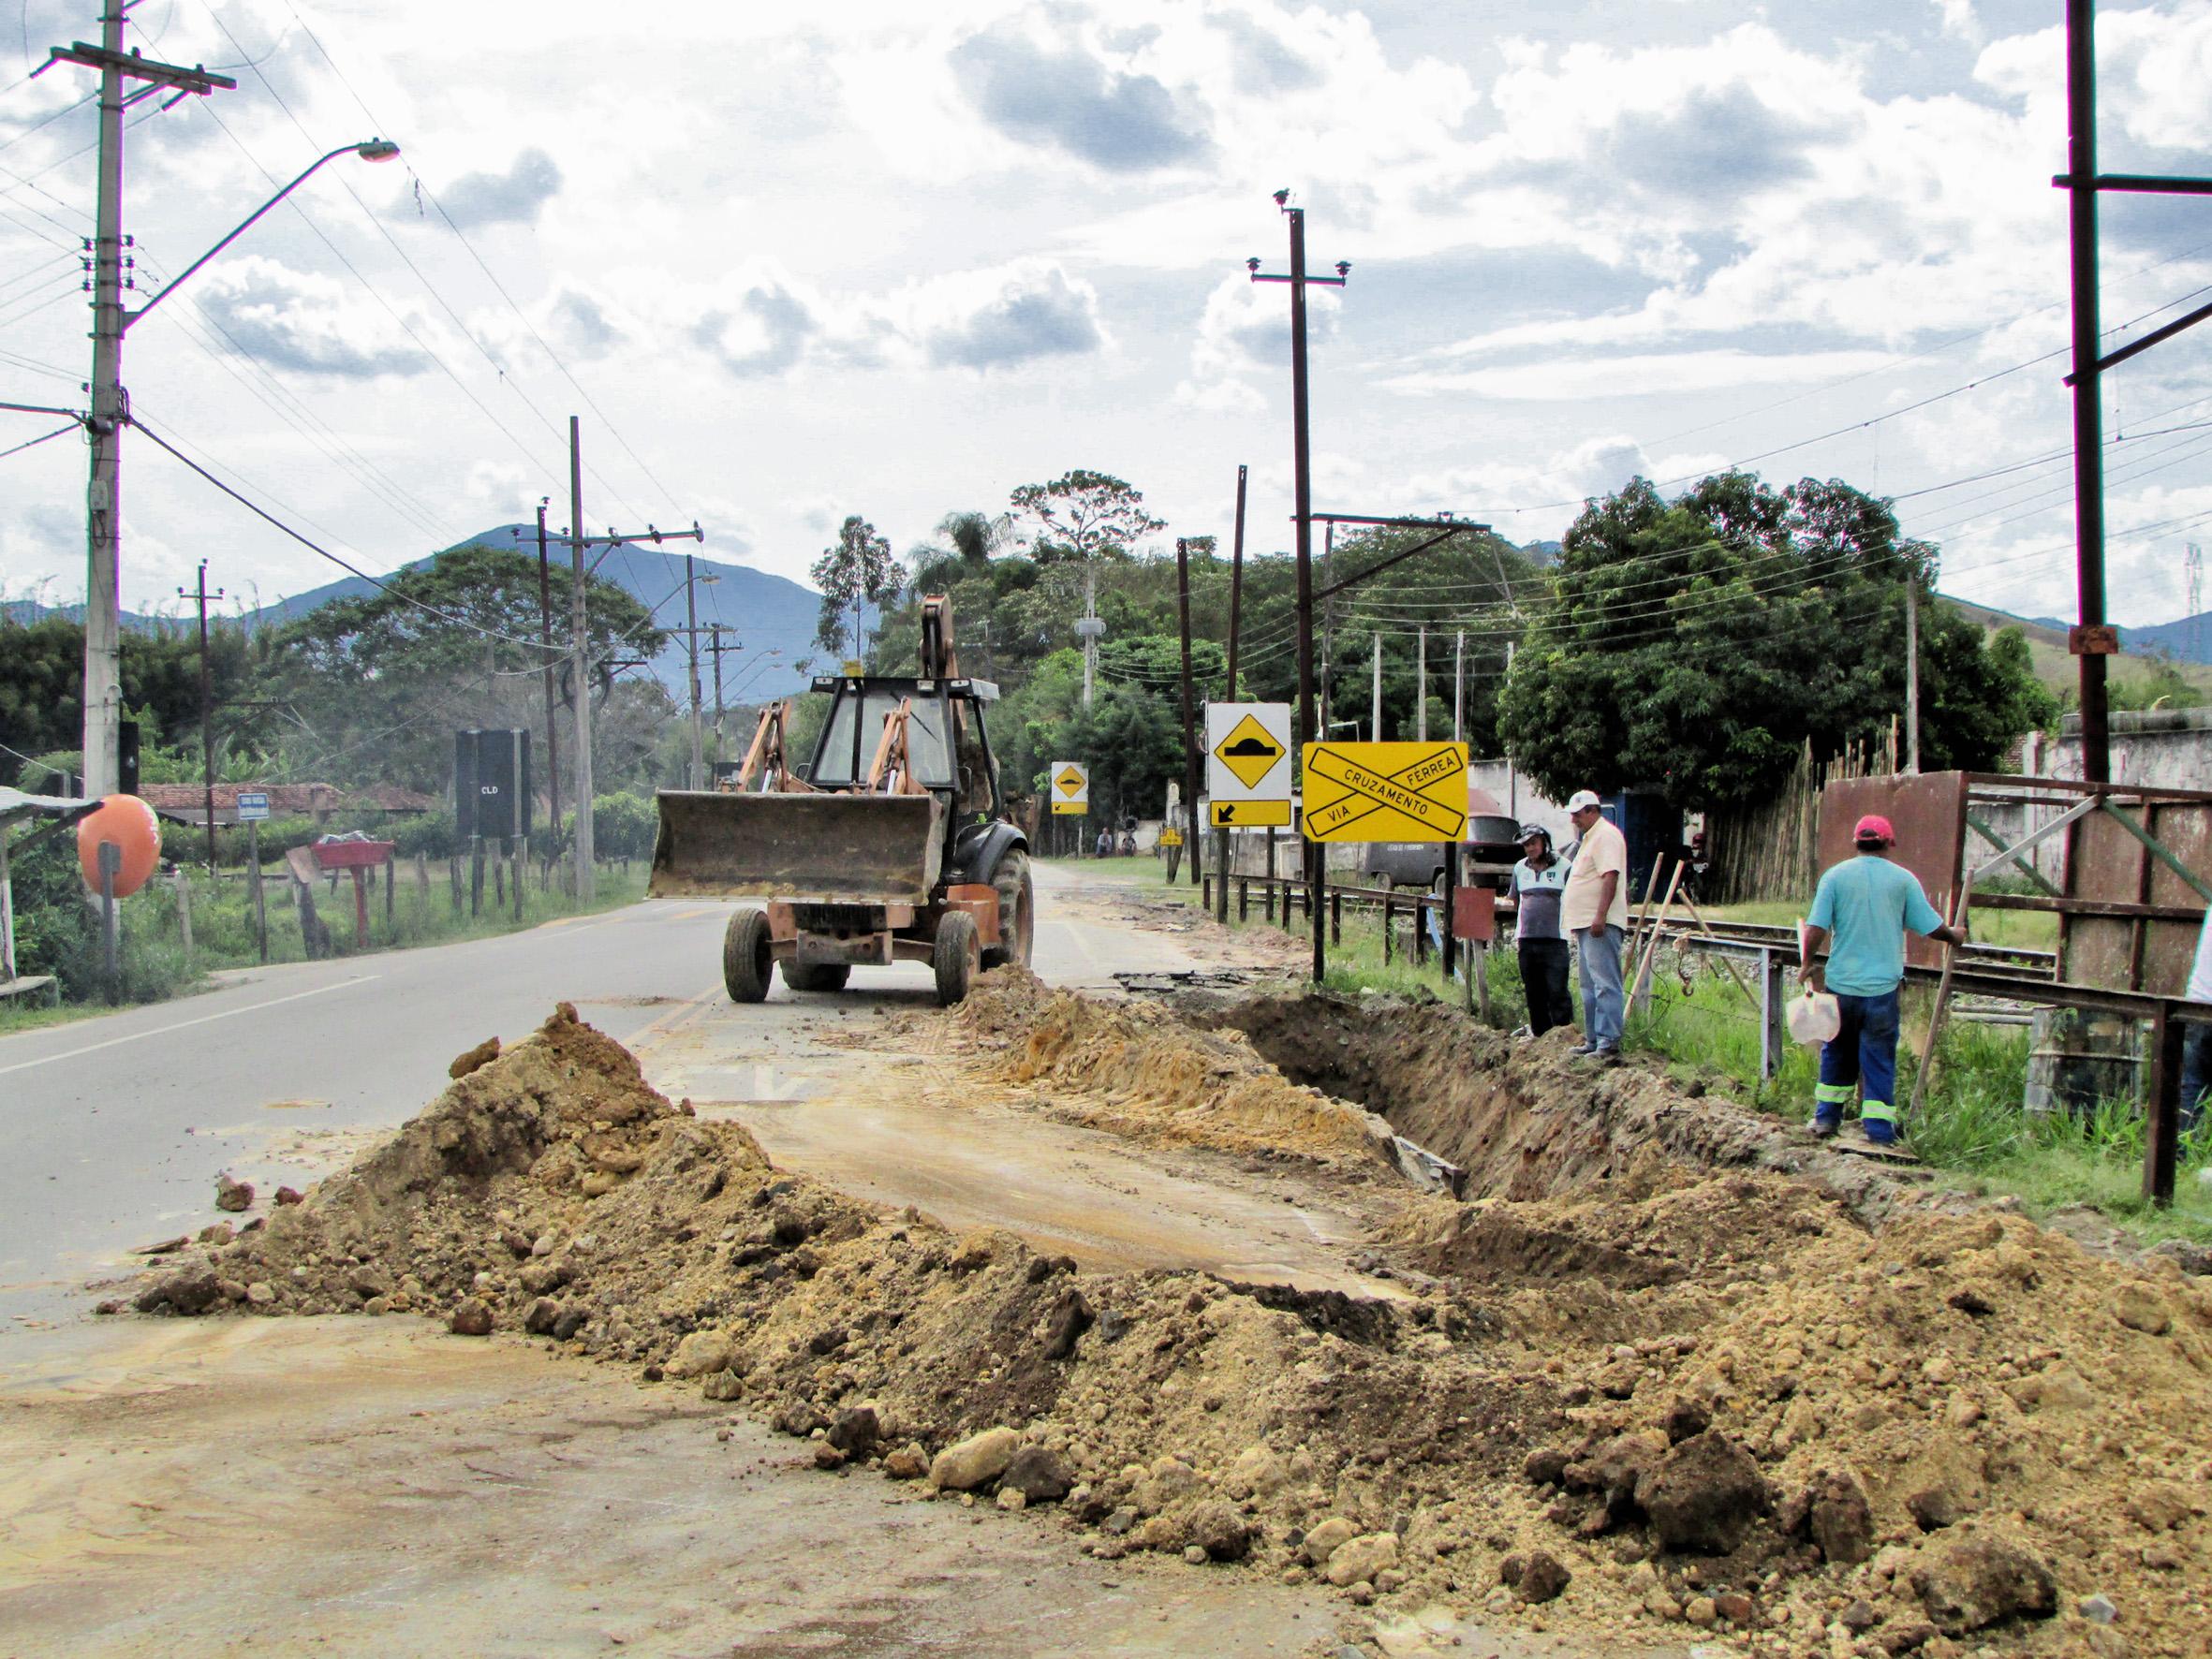 Obra no bairro Bonsucesso, que faz parte de acordo entre Prefeitura e Sabesp; trabalho tenta ampliar sistema de saneamento básico na cidade  (Foto: Da Assessoria)